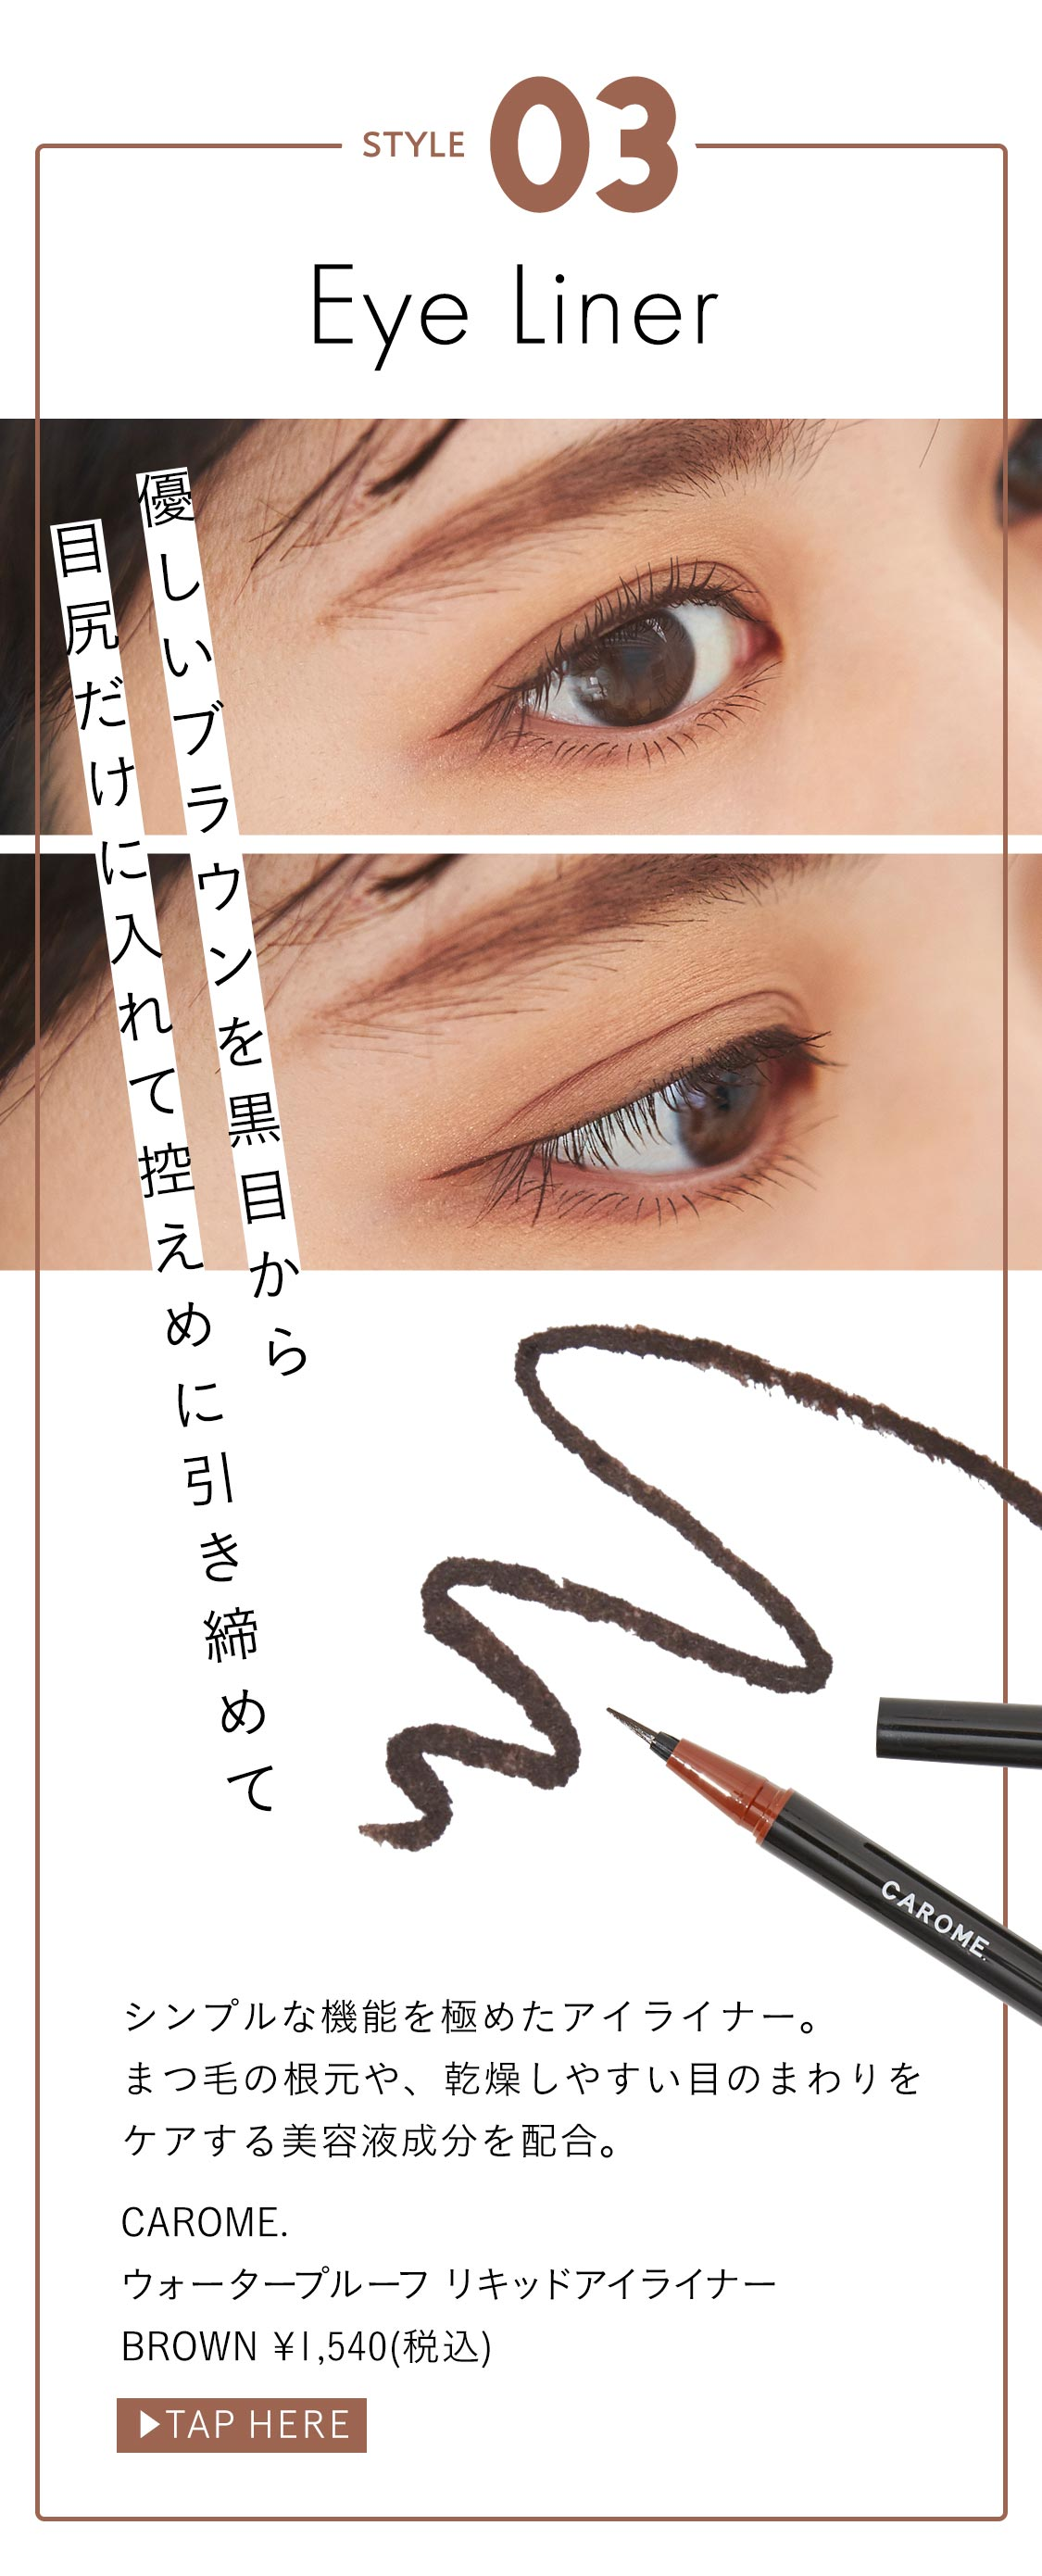 シンプルな機能を極めたアイライナー。 まつ毛の根元や、乾燥しやすい目のまわりをケアする美容液成分を配合。